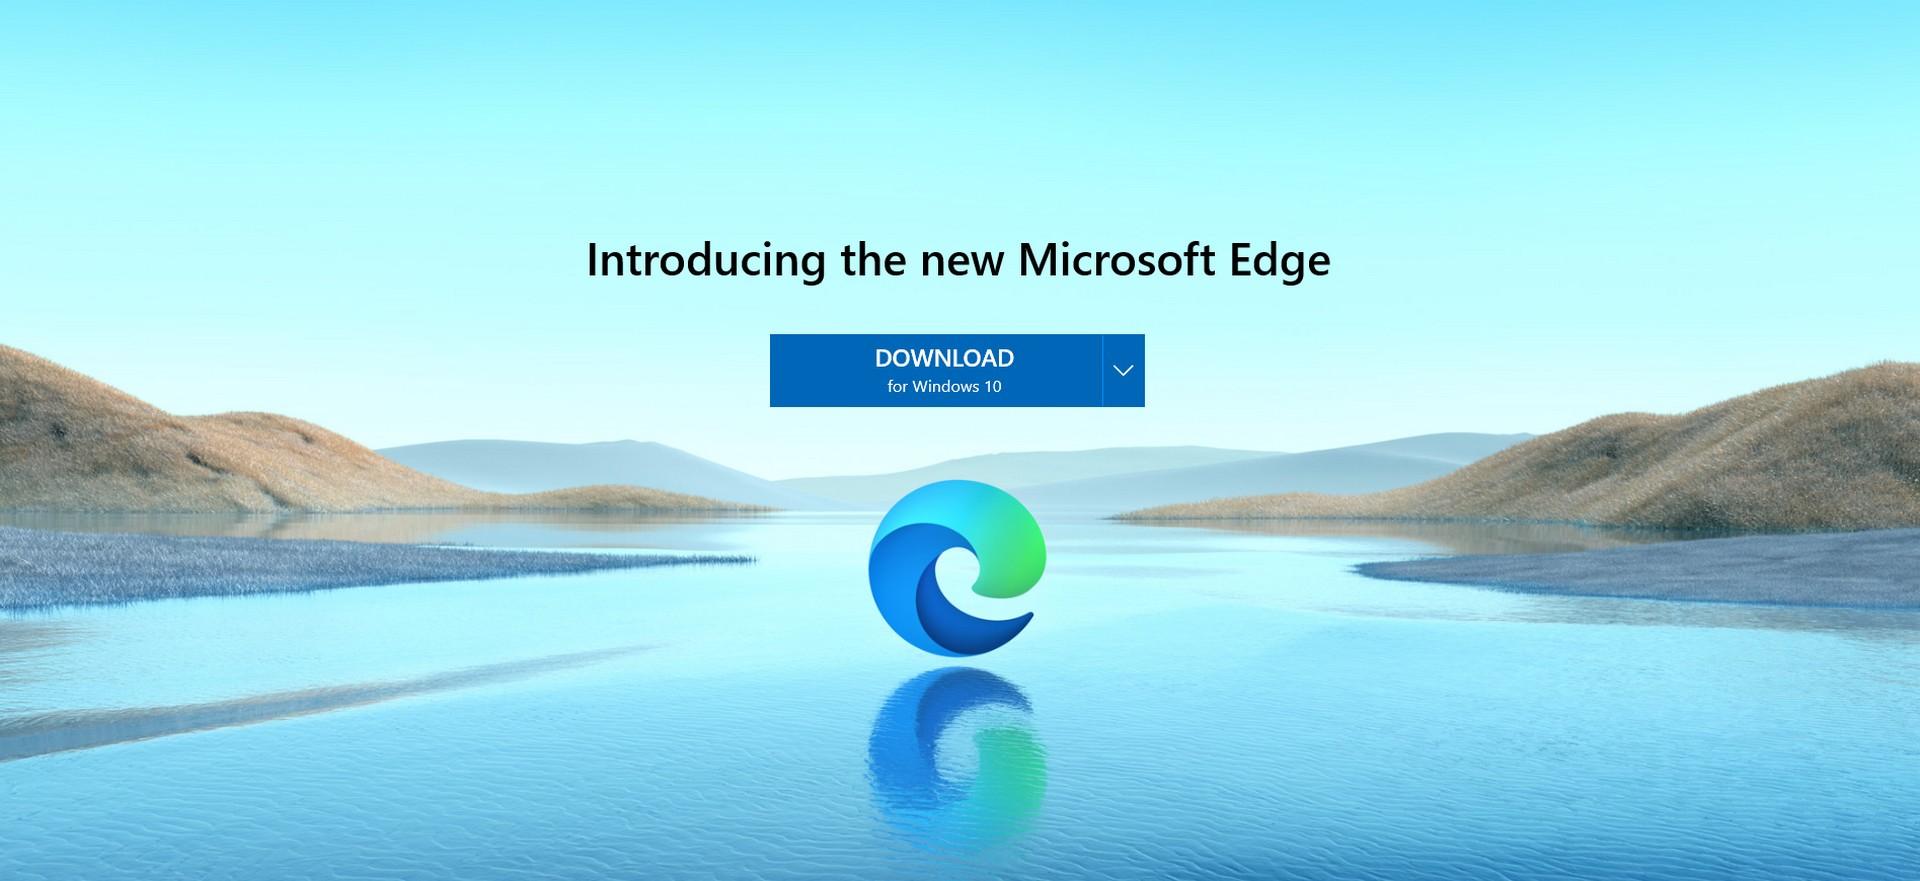 مايكروسوفت إيدج Microsoft Edge